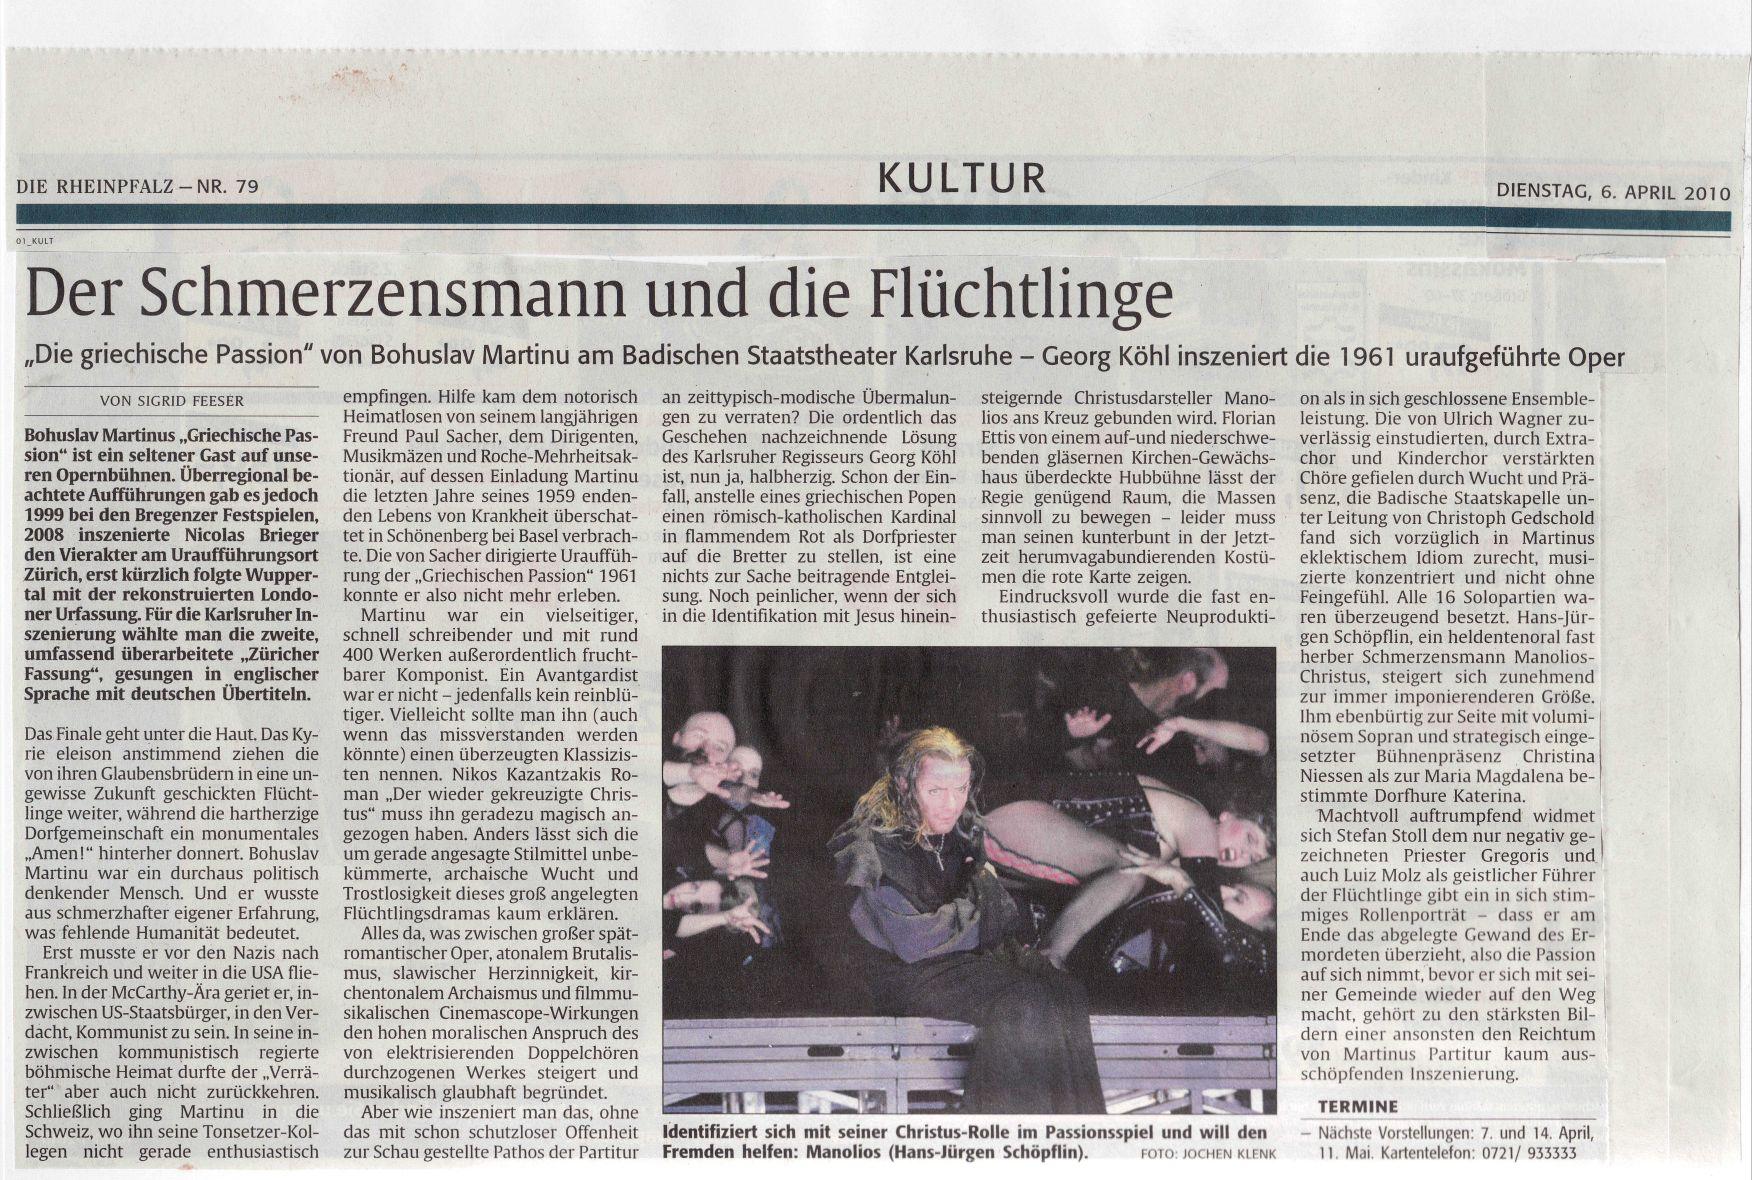 KritikRheinpfalz060410k